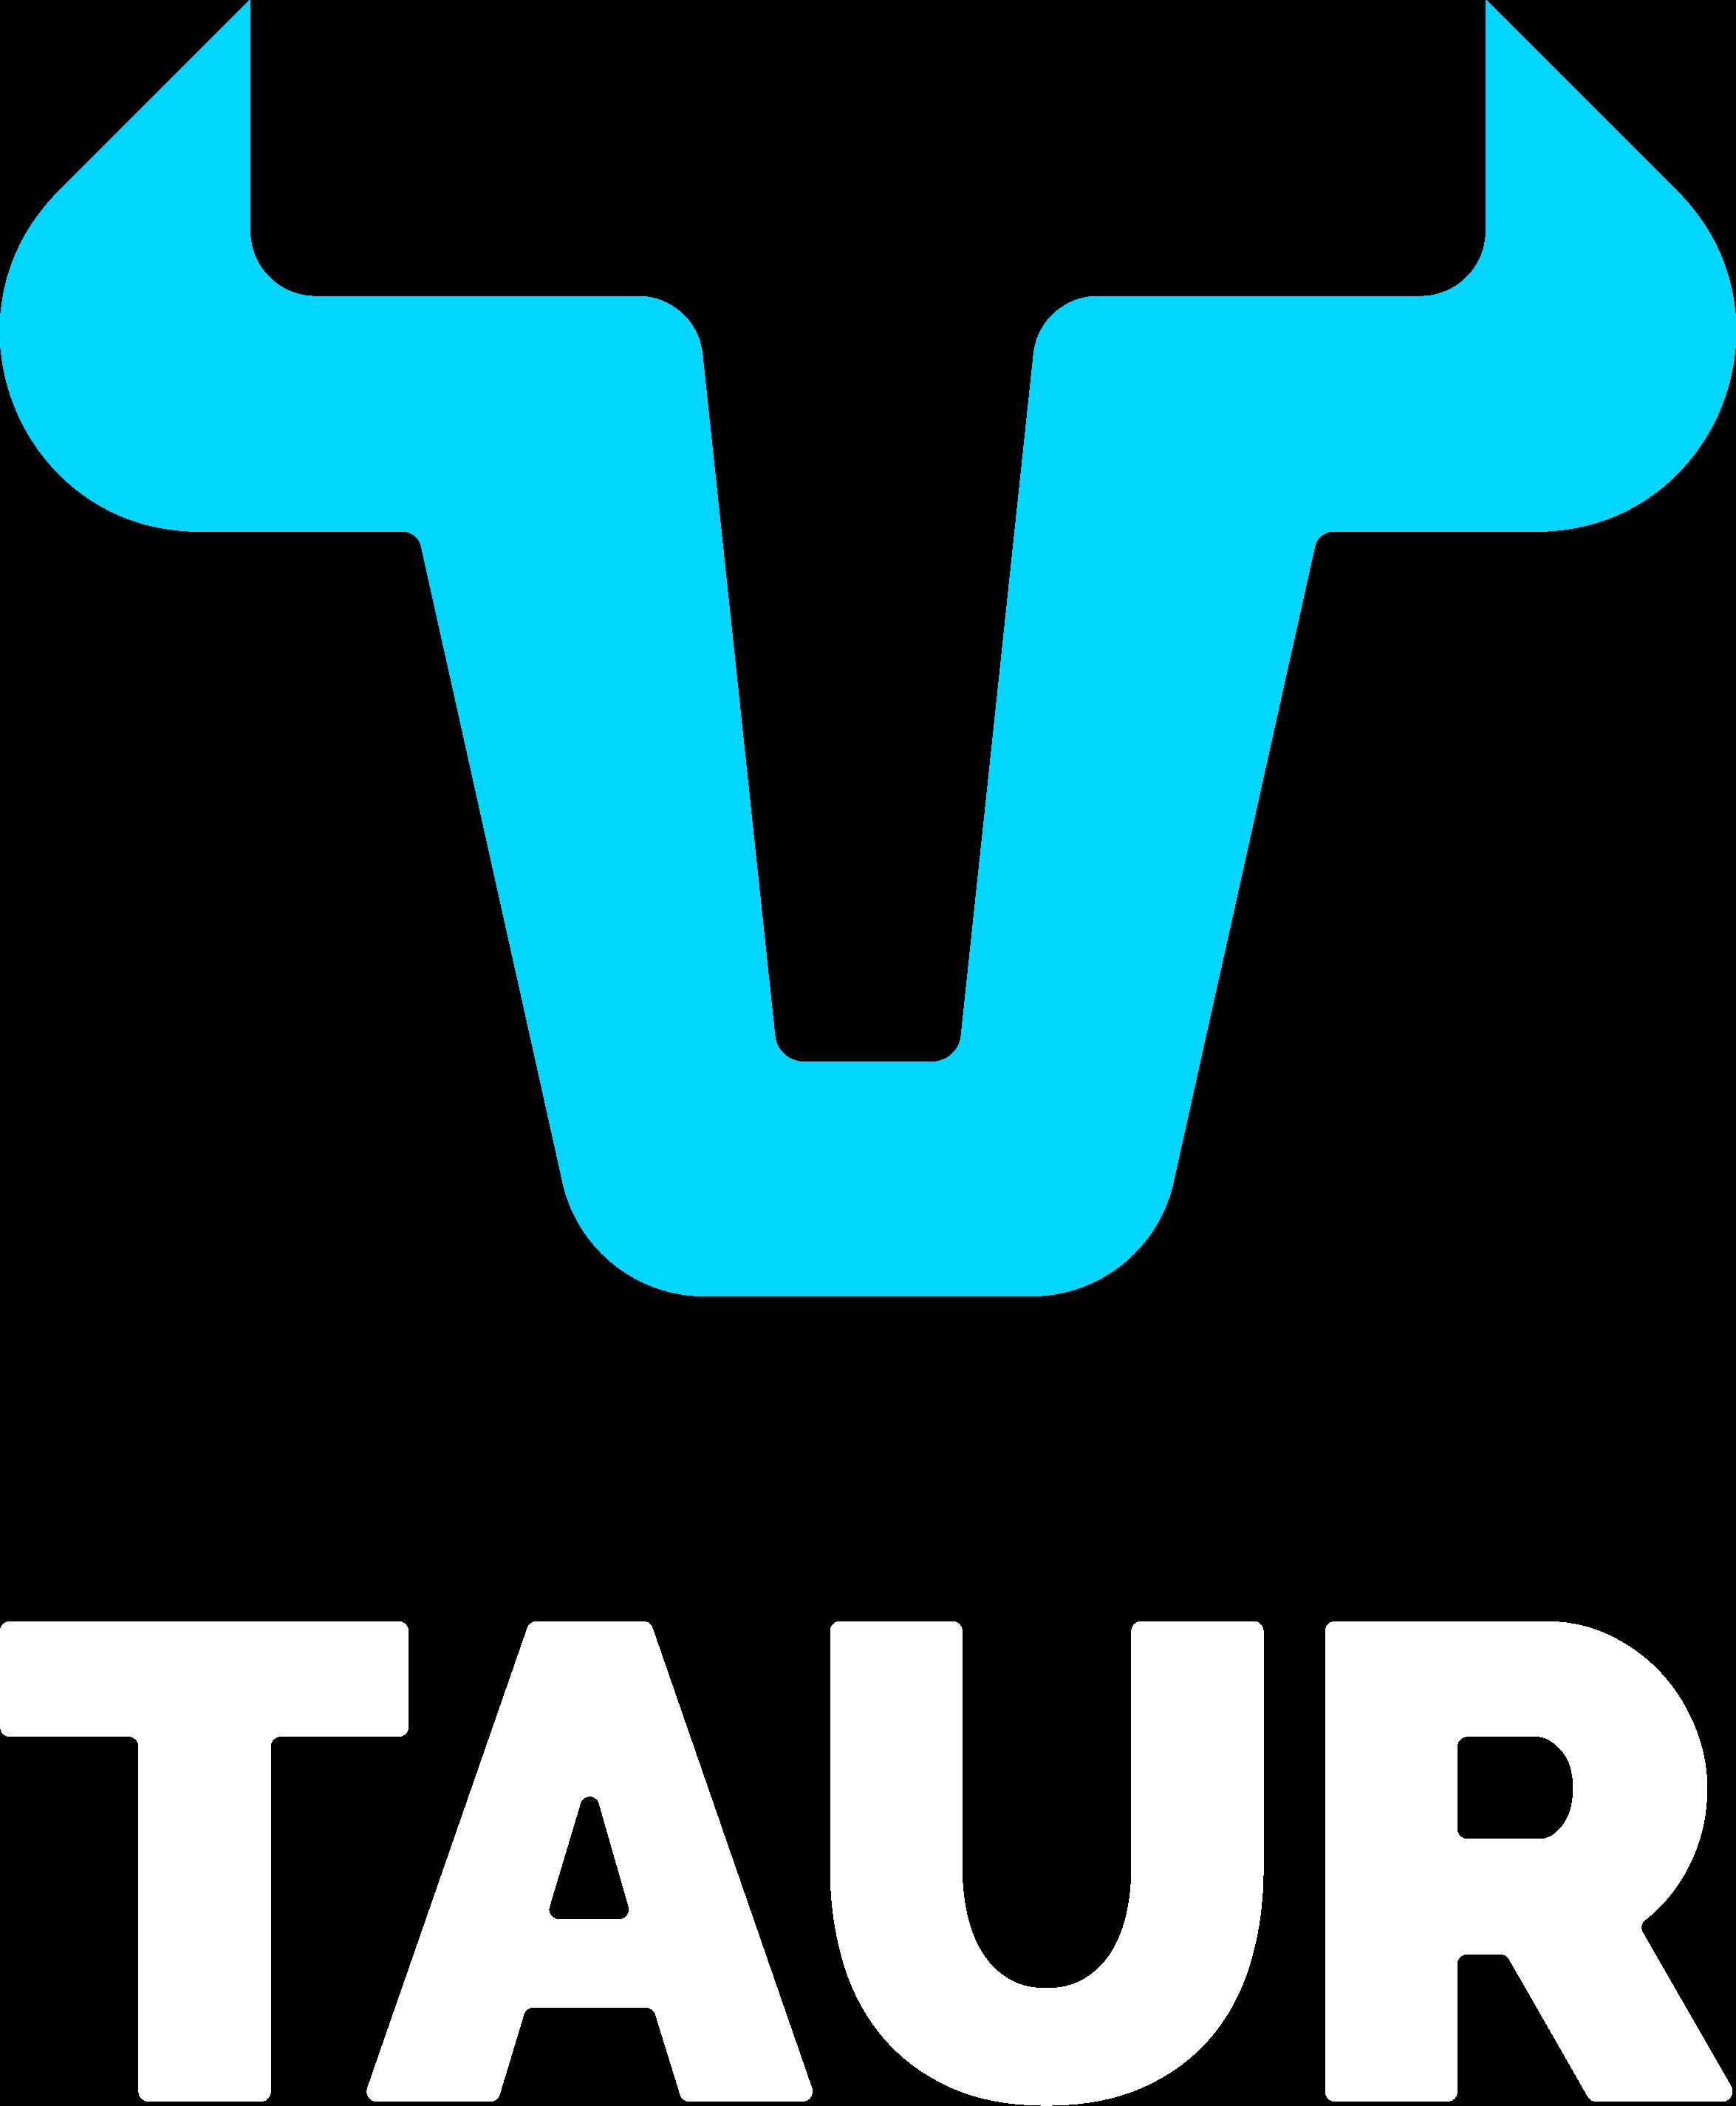 Taur logo